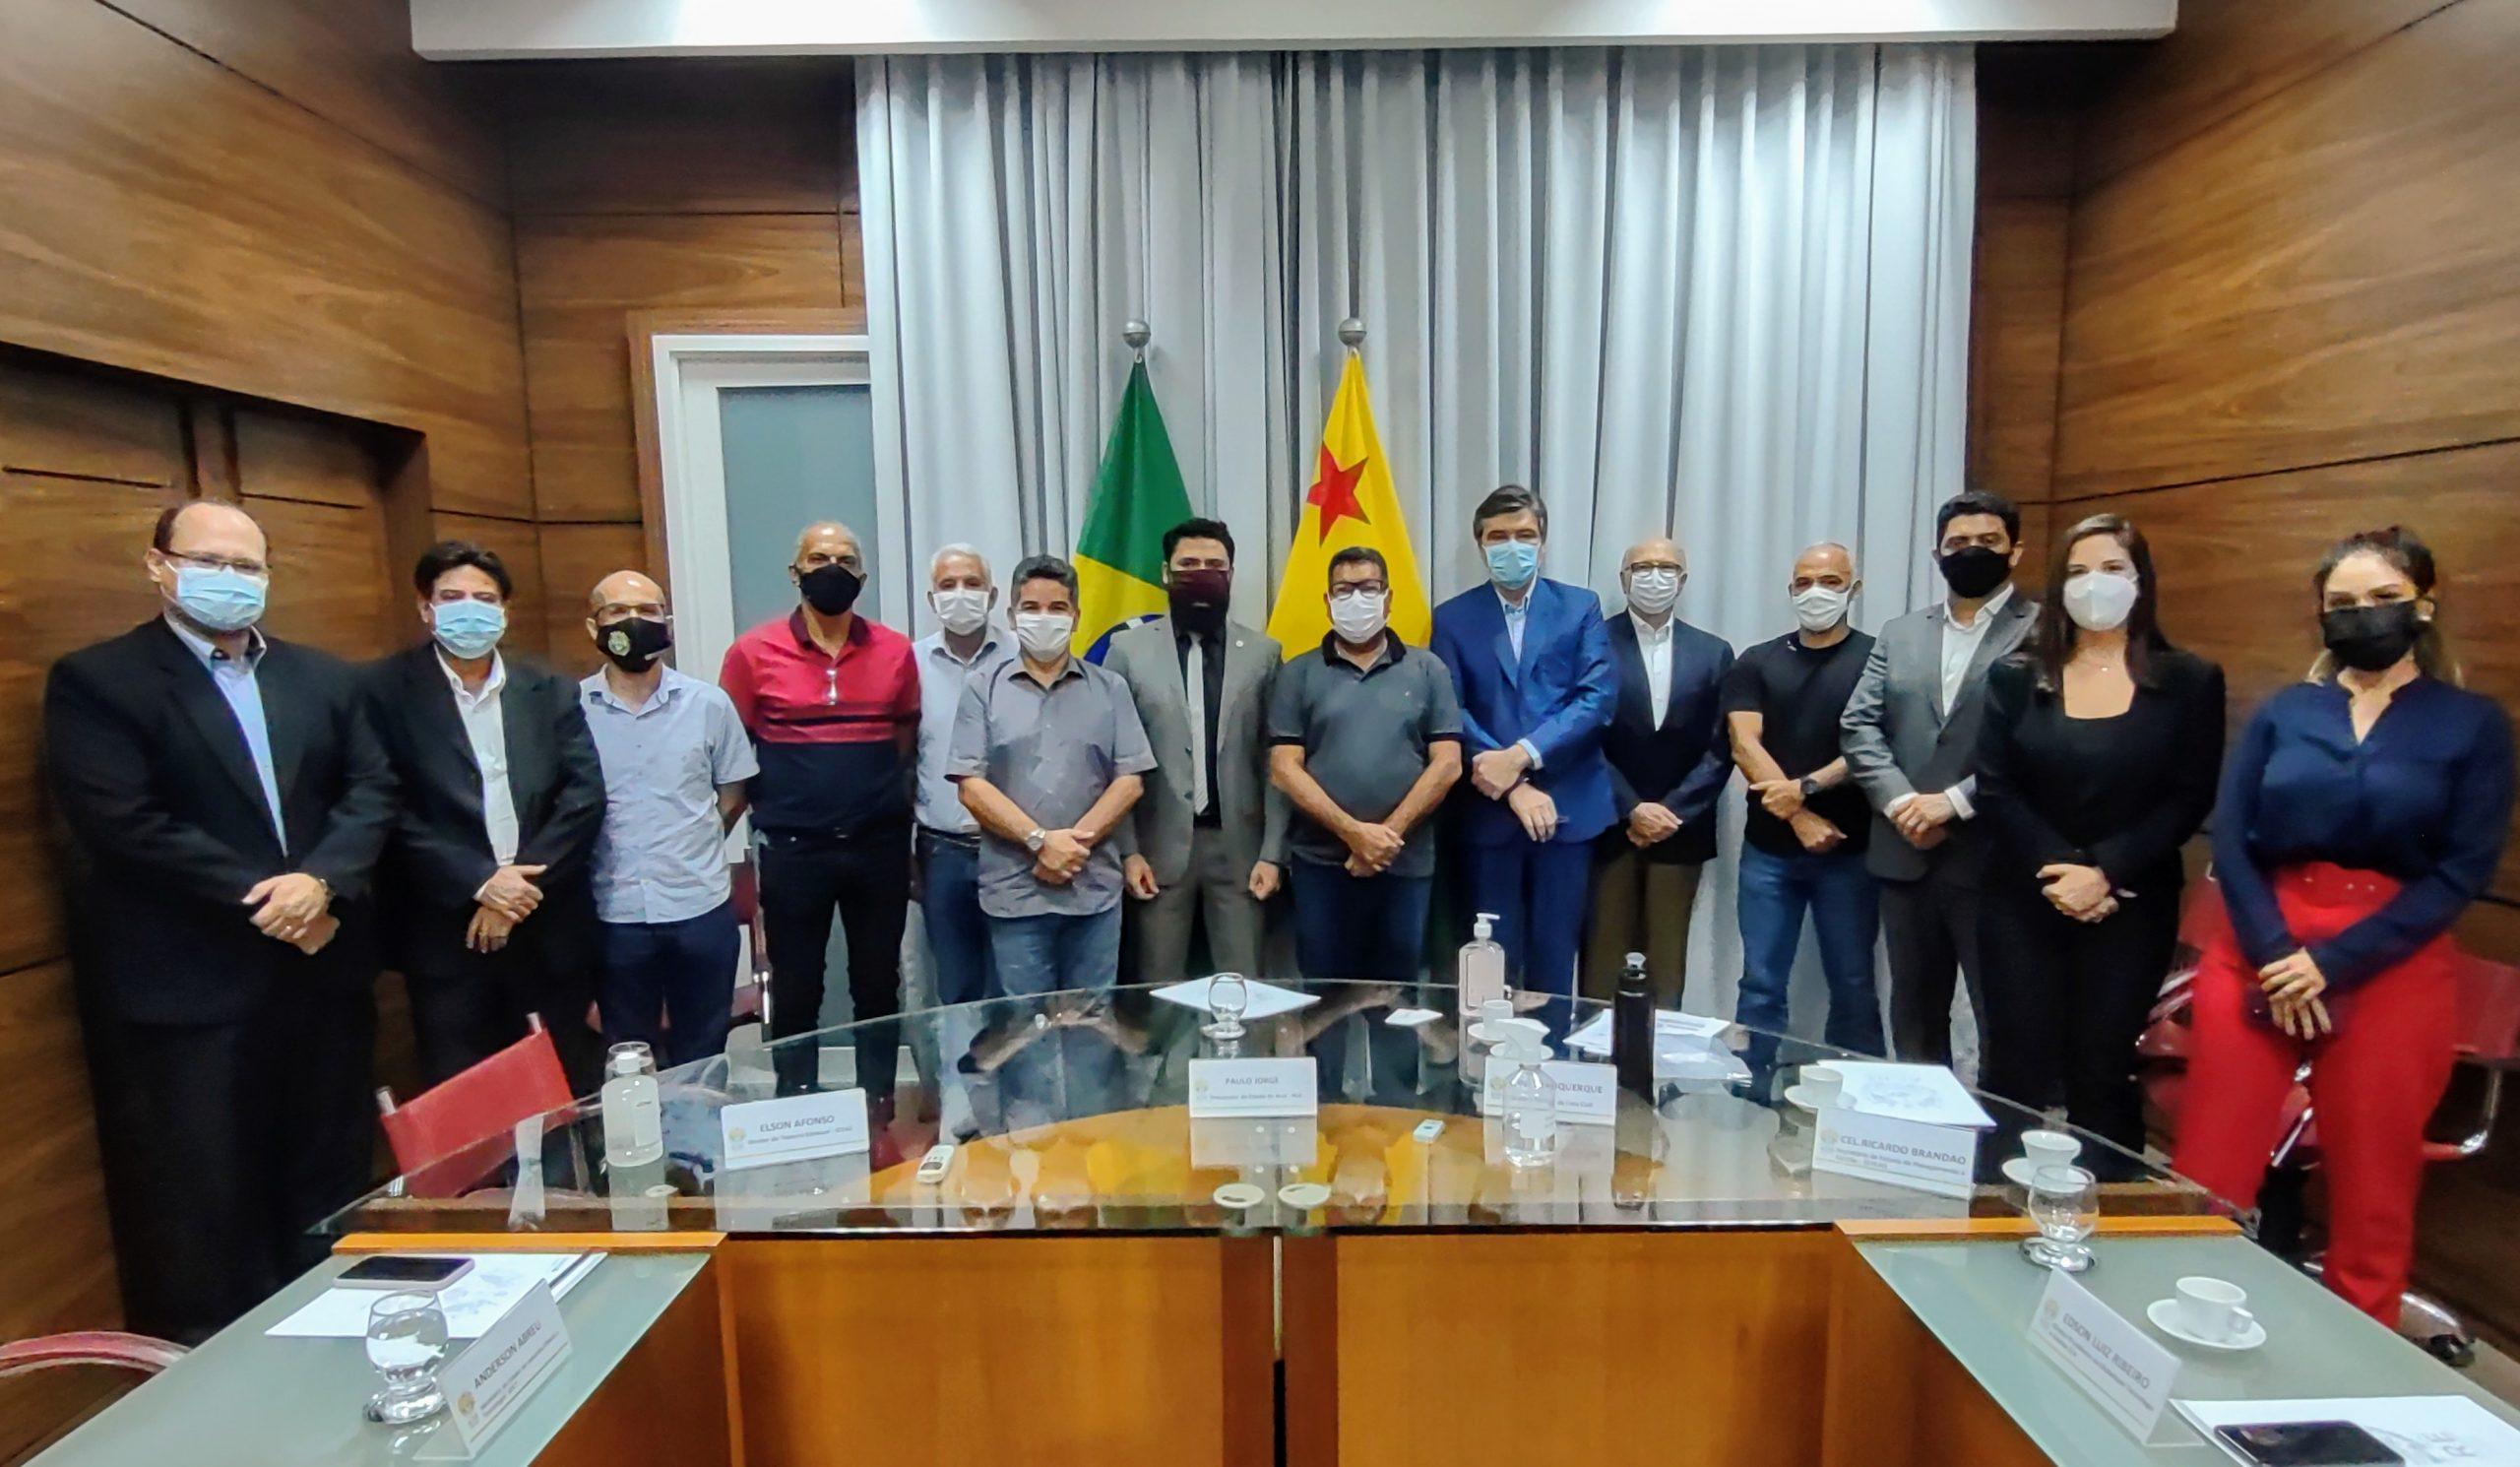 Projeto de implantação de fibra ótica nos órgãos públicos do Estado é apresentado na Casa Civil